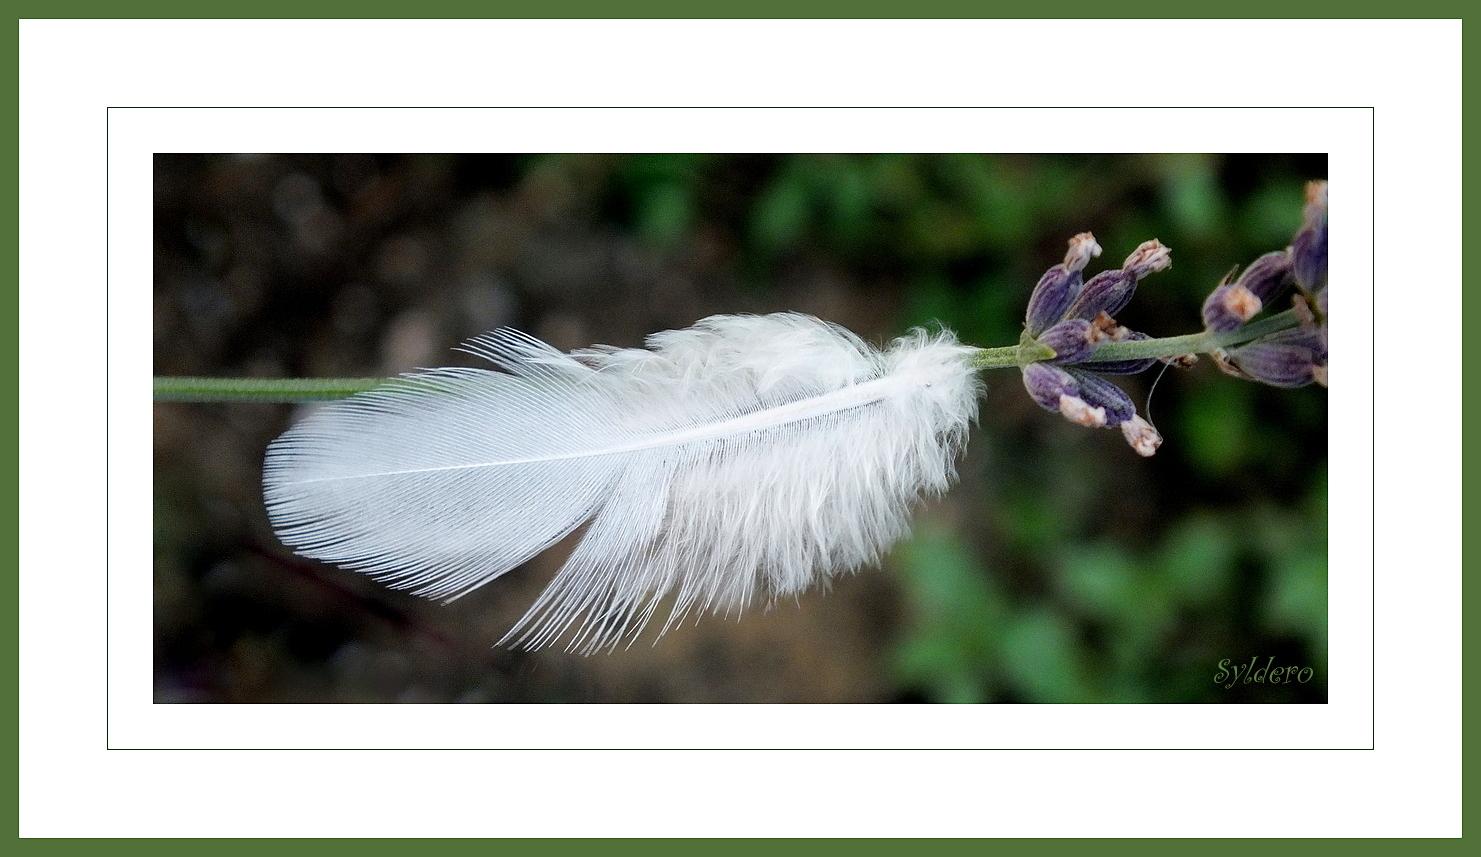 La plume blanche